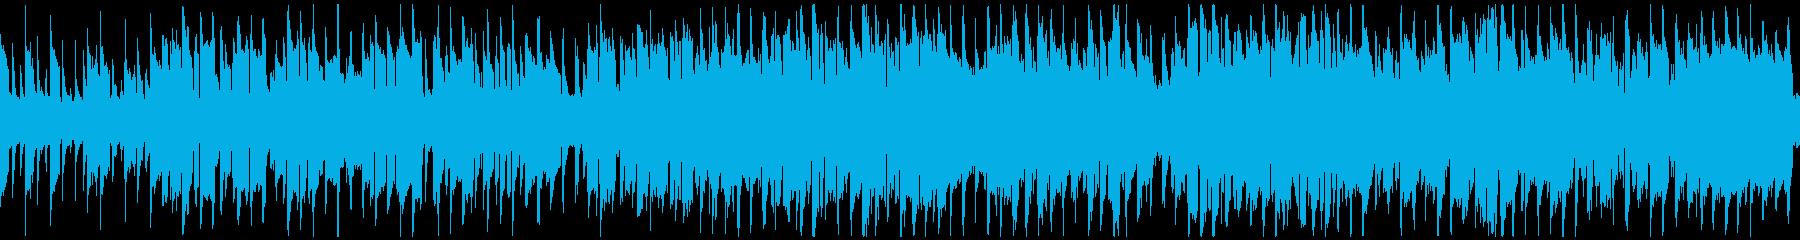 お弁当系リコーダーポップス※ループ仕様版の再生済みの波形